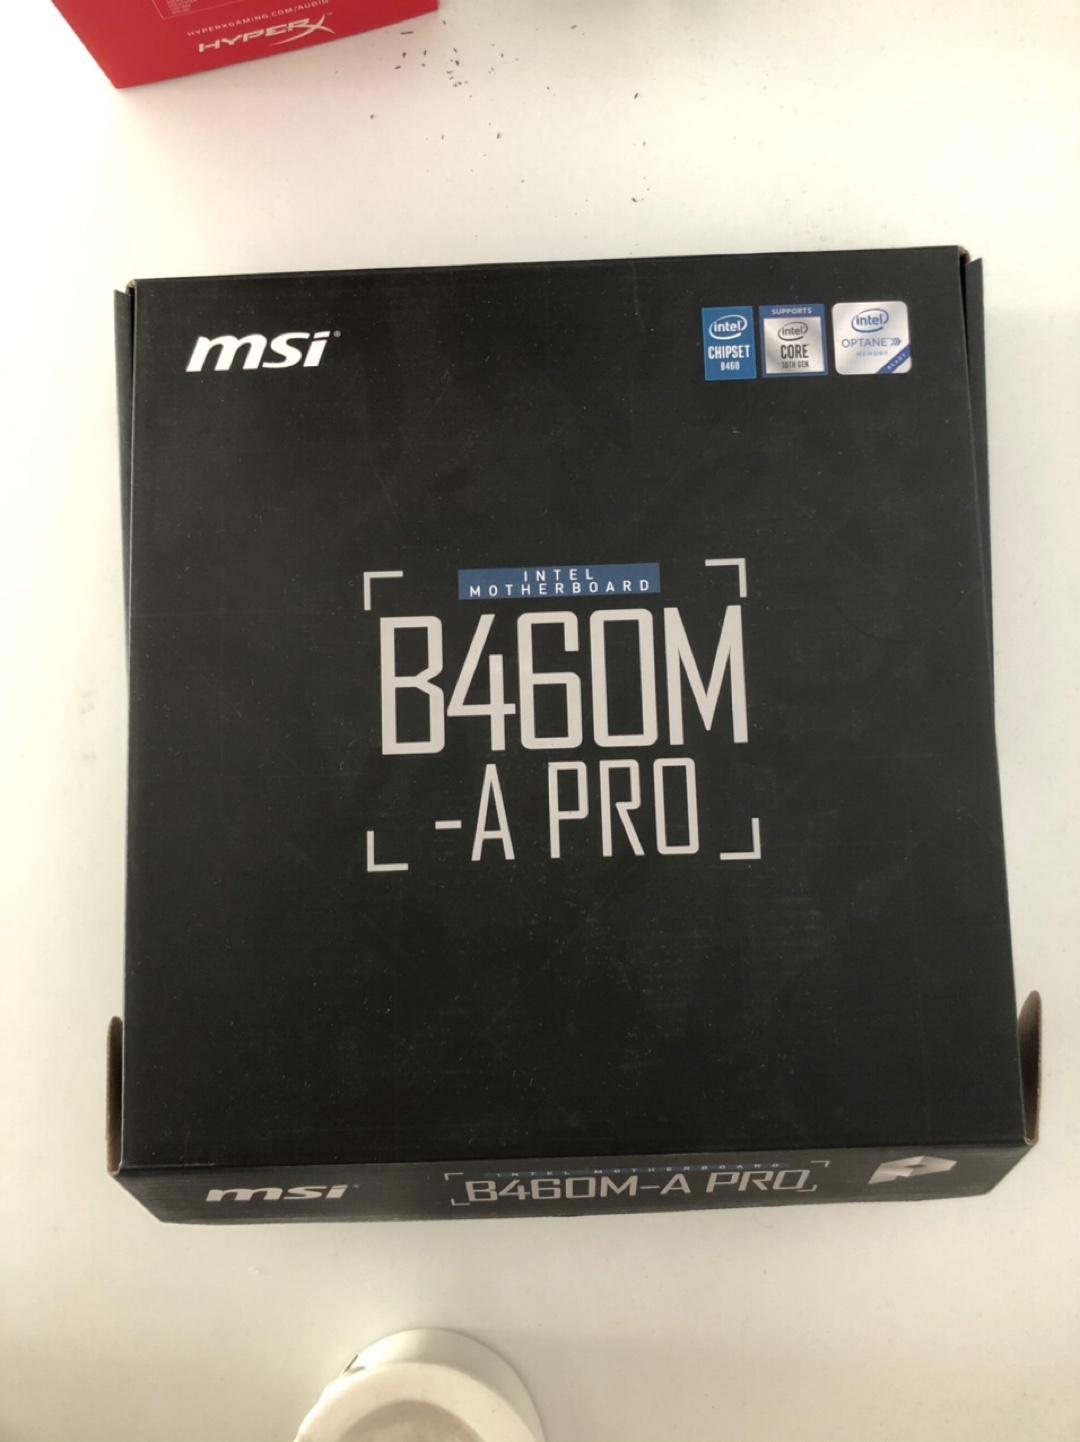 i7-10700F/MSI B460M-A Pro/Sandisk 500GB M2 SSD/GSKILL 8GB 3000mhz RAM